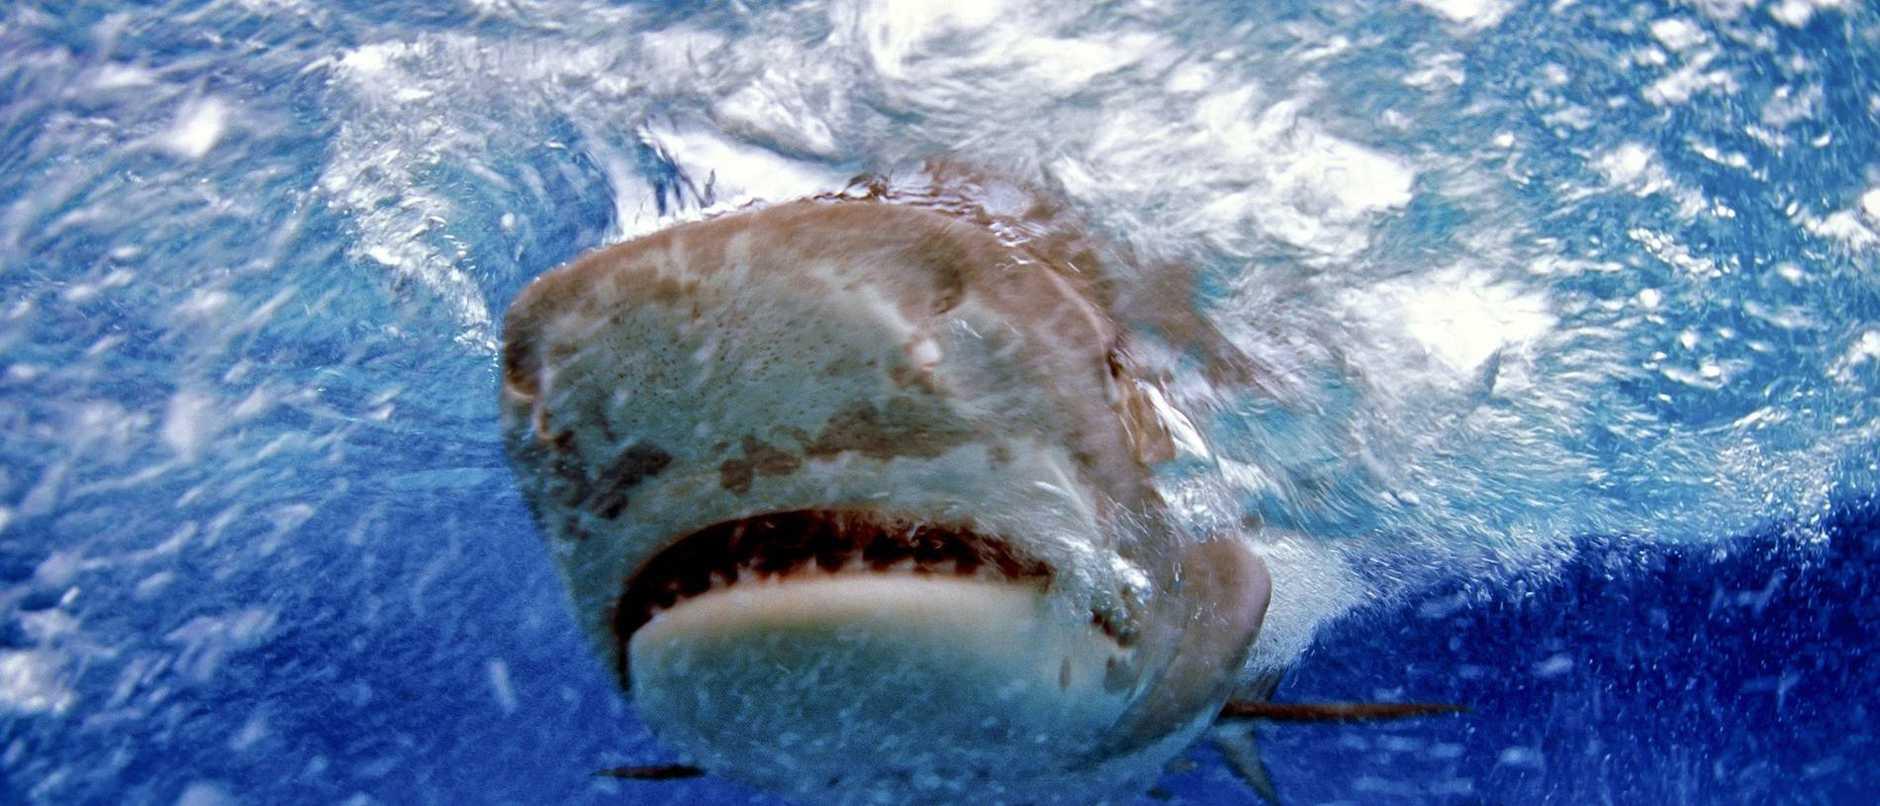 Tiger shark (Galeocerdo cuvier), Bahamas